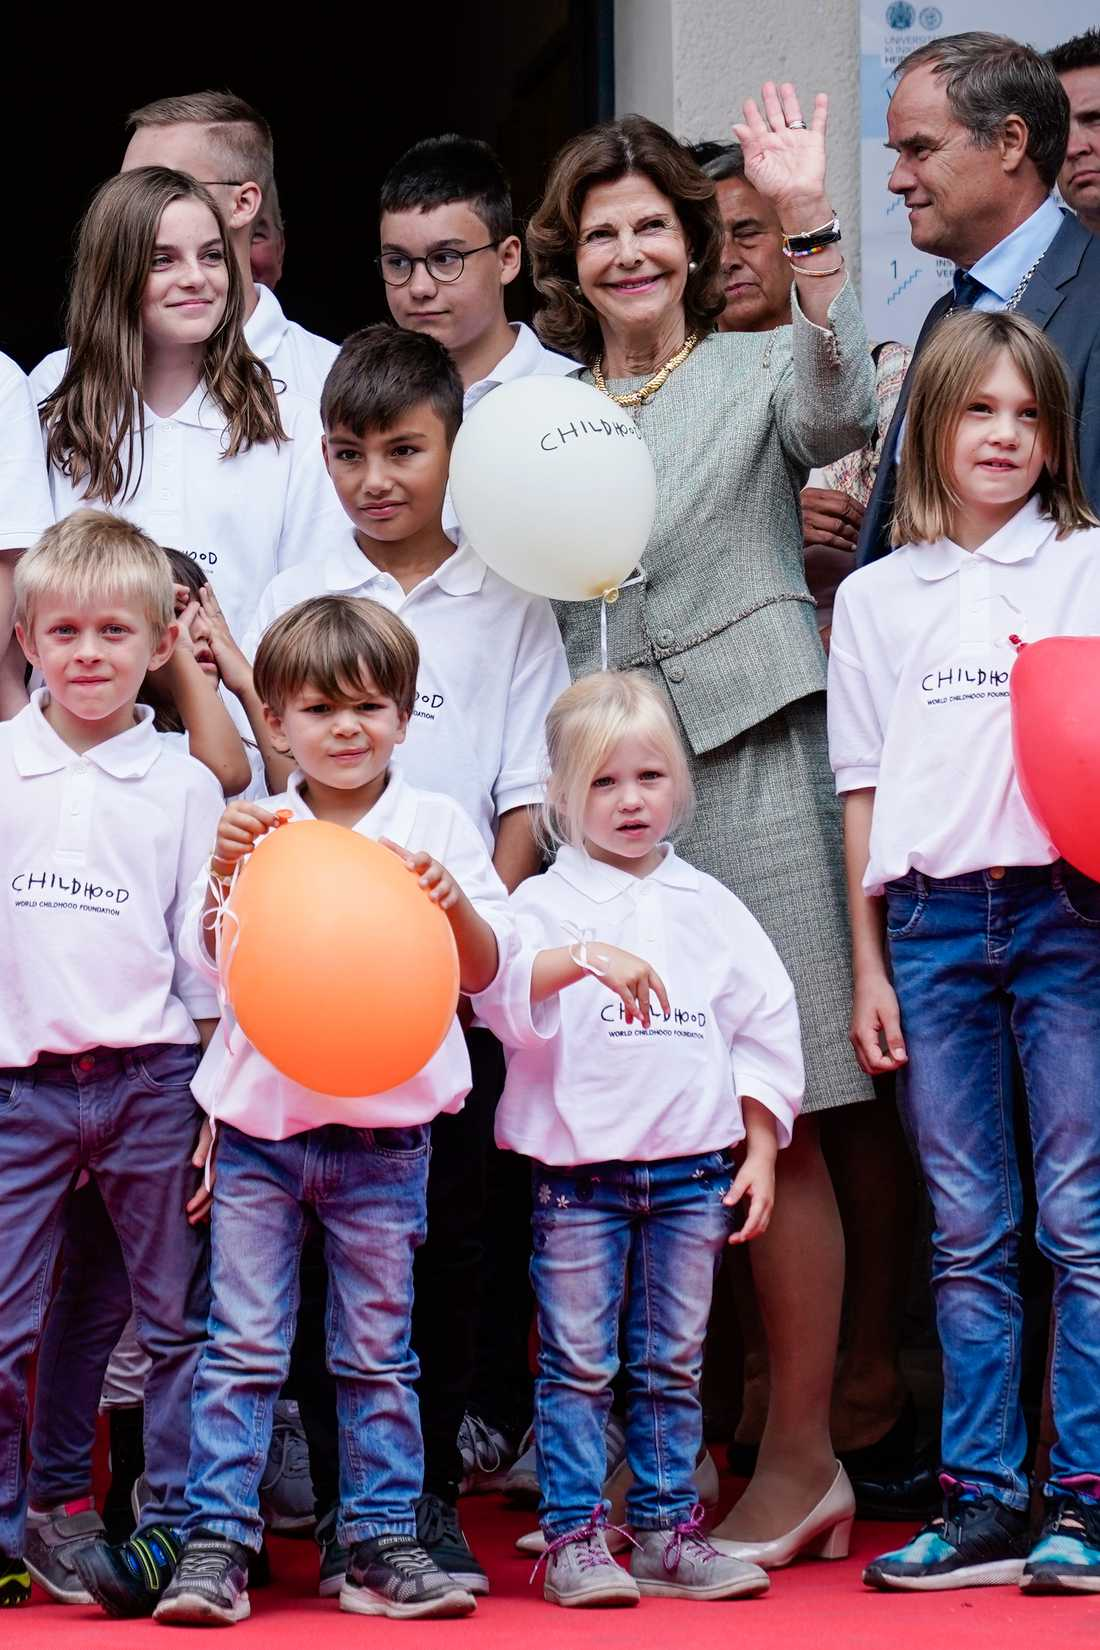 Silvia medverkade vid invigningen av ett Childhood-hus för utsatta barn.